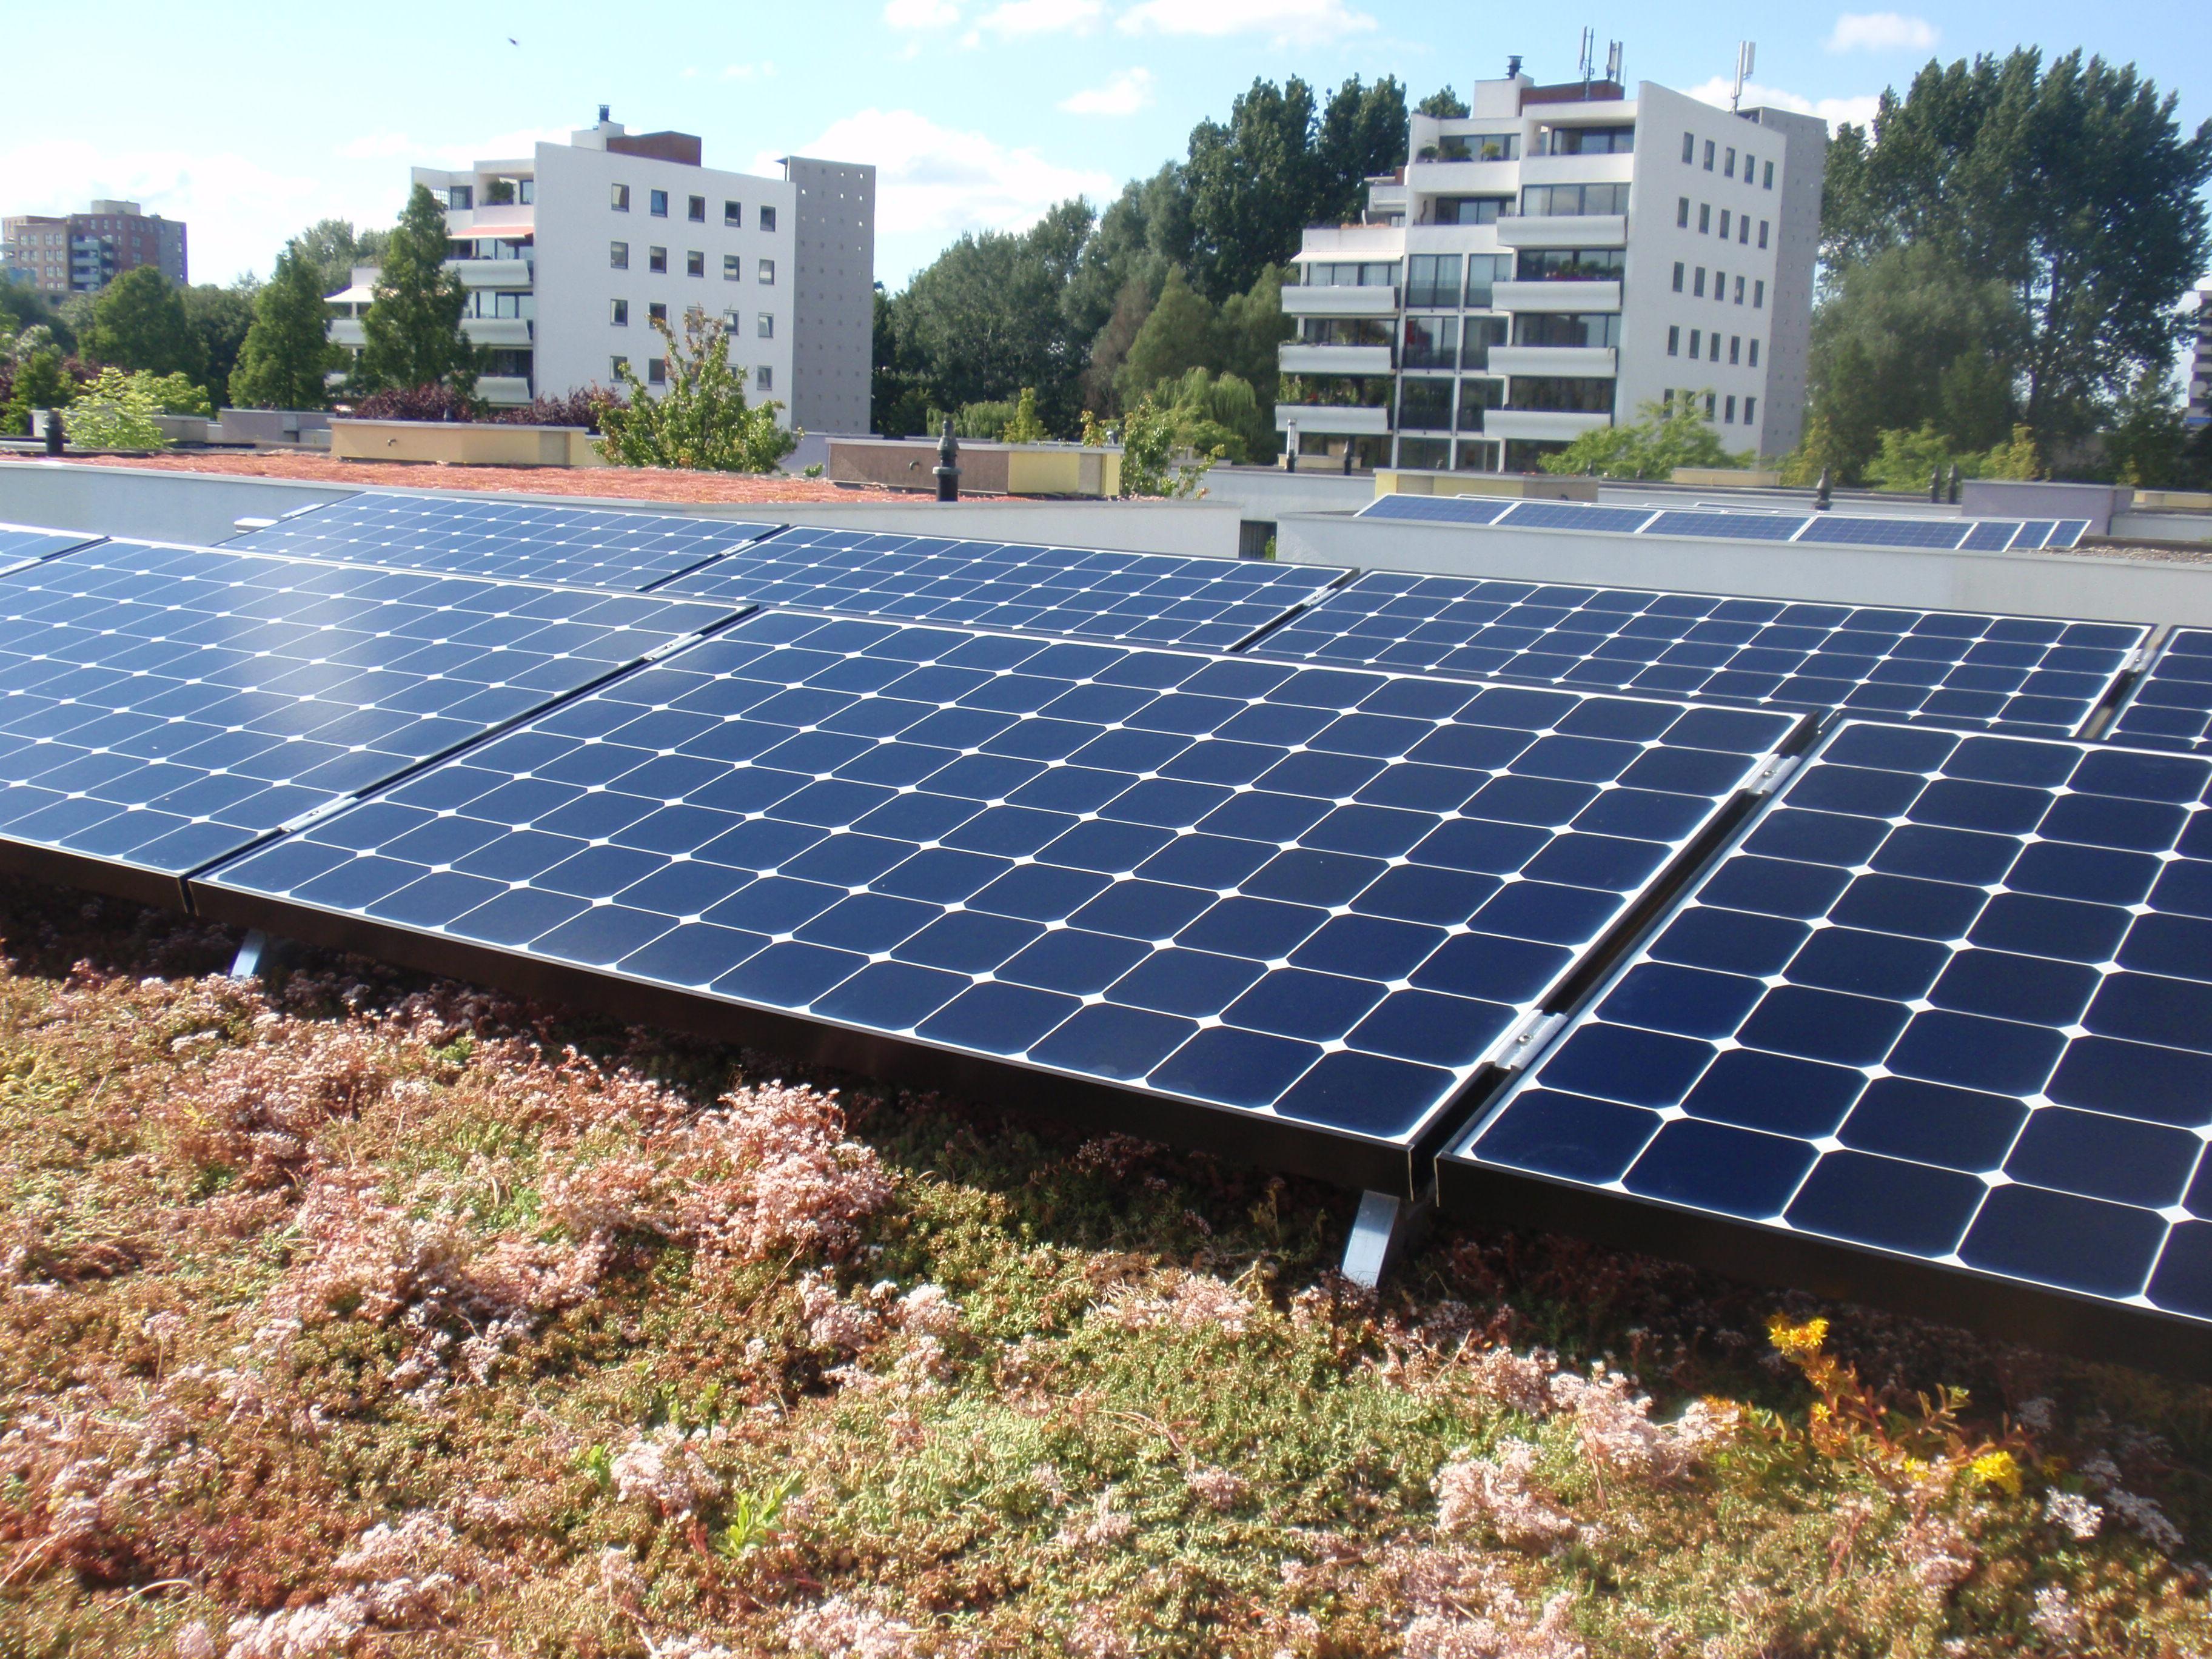 De voordelen van zonnepanelen met een groen dak in 2021 | Solar Sedum